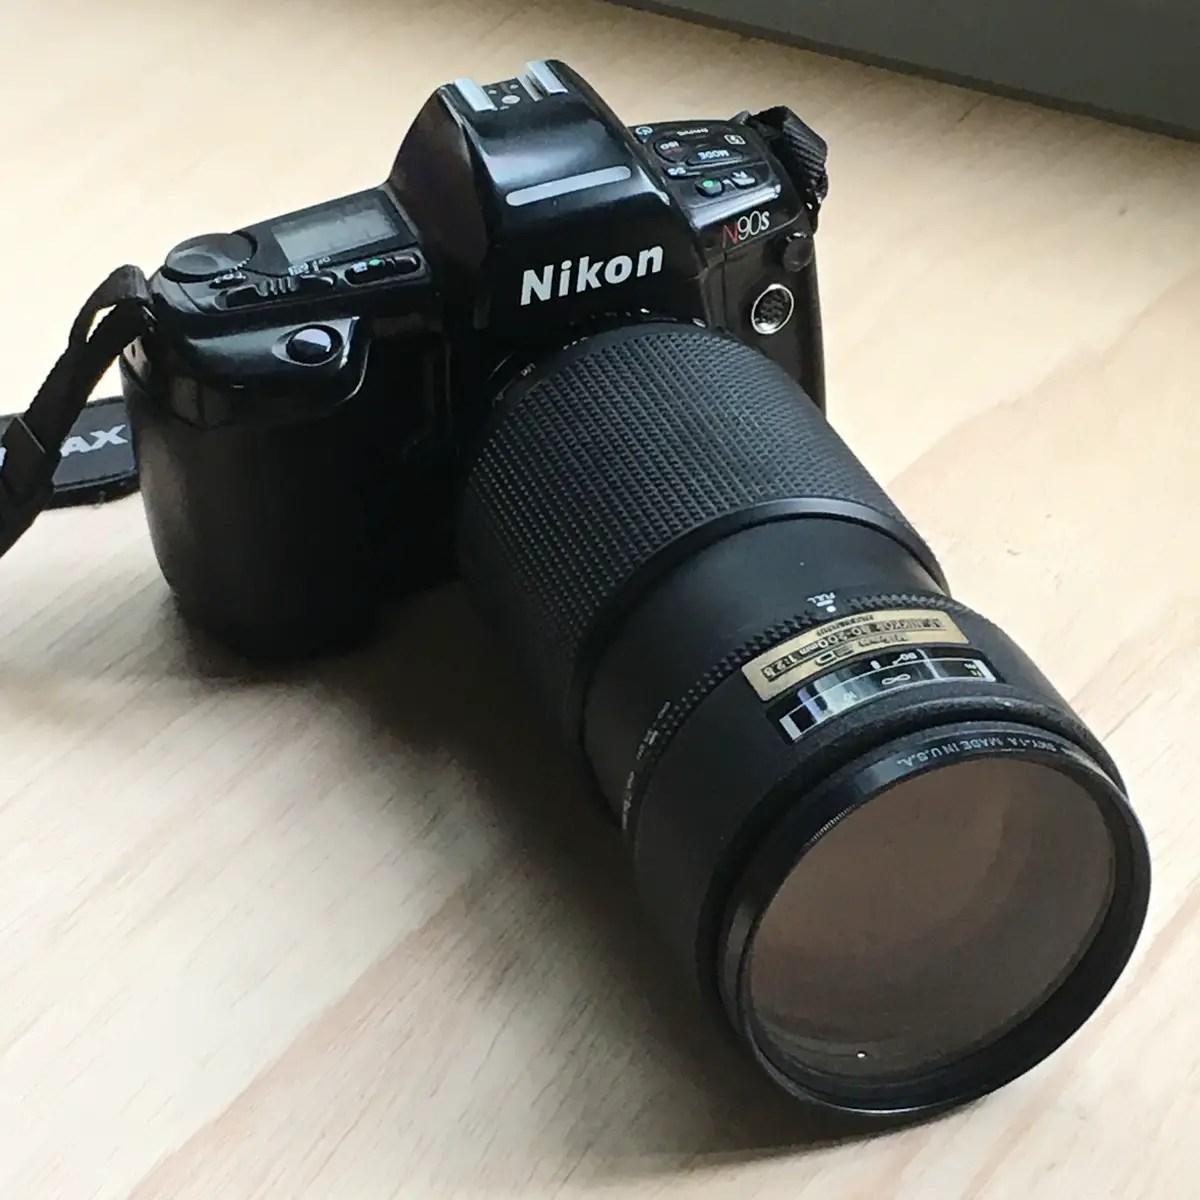 Nikon N90S and  Nikon 80-200mm f/2.8 AF lens